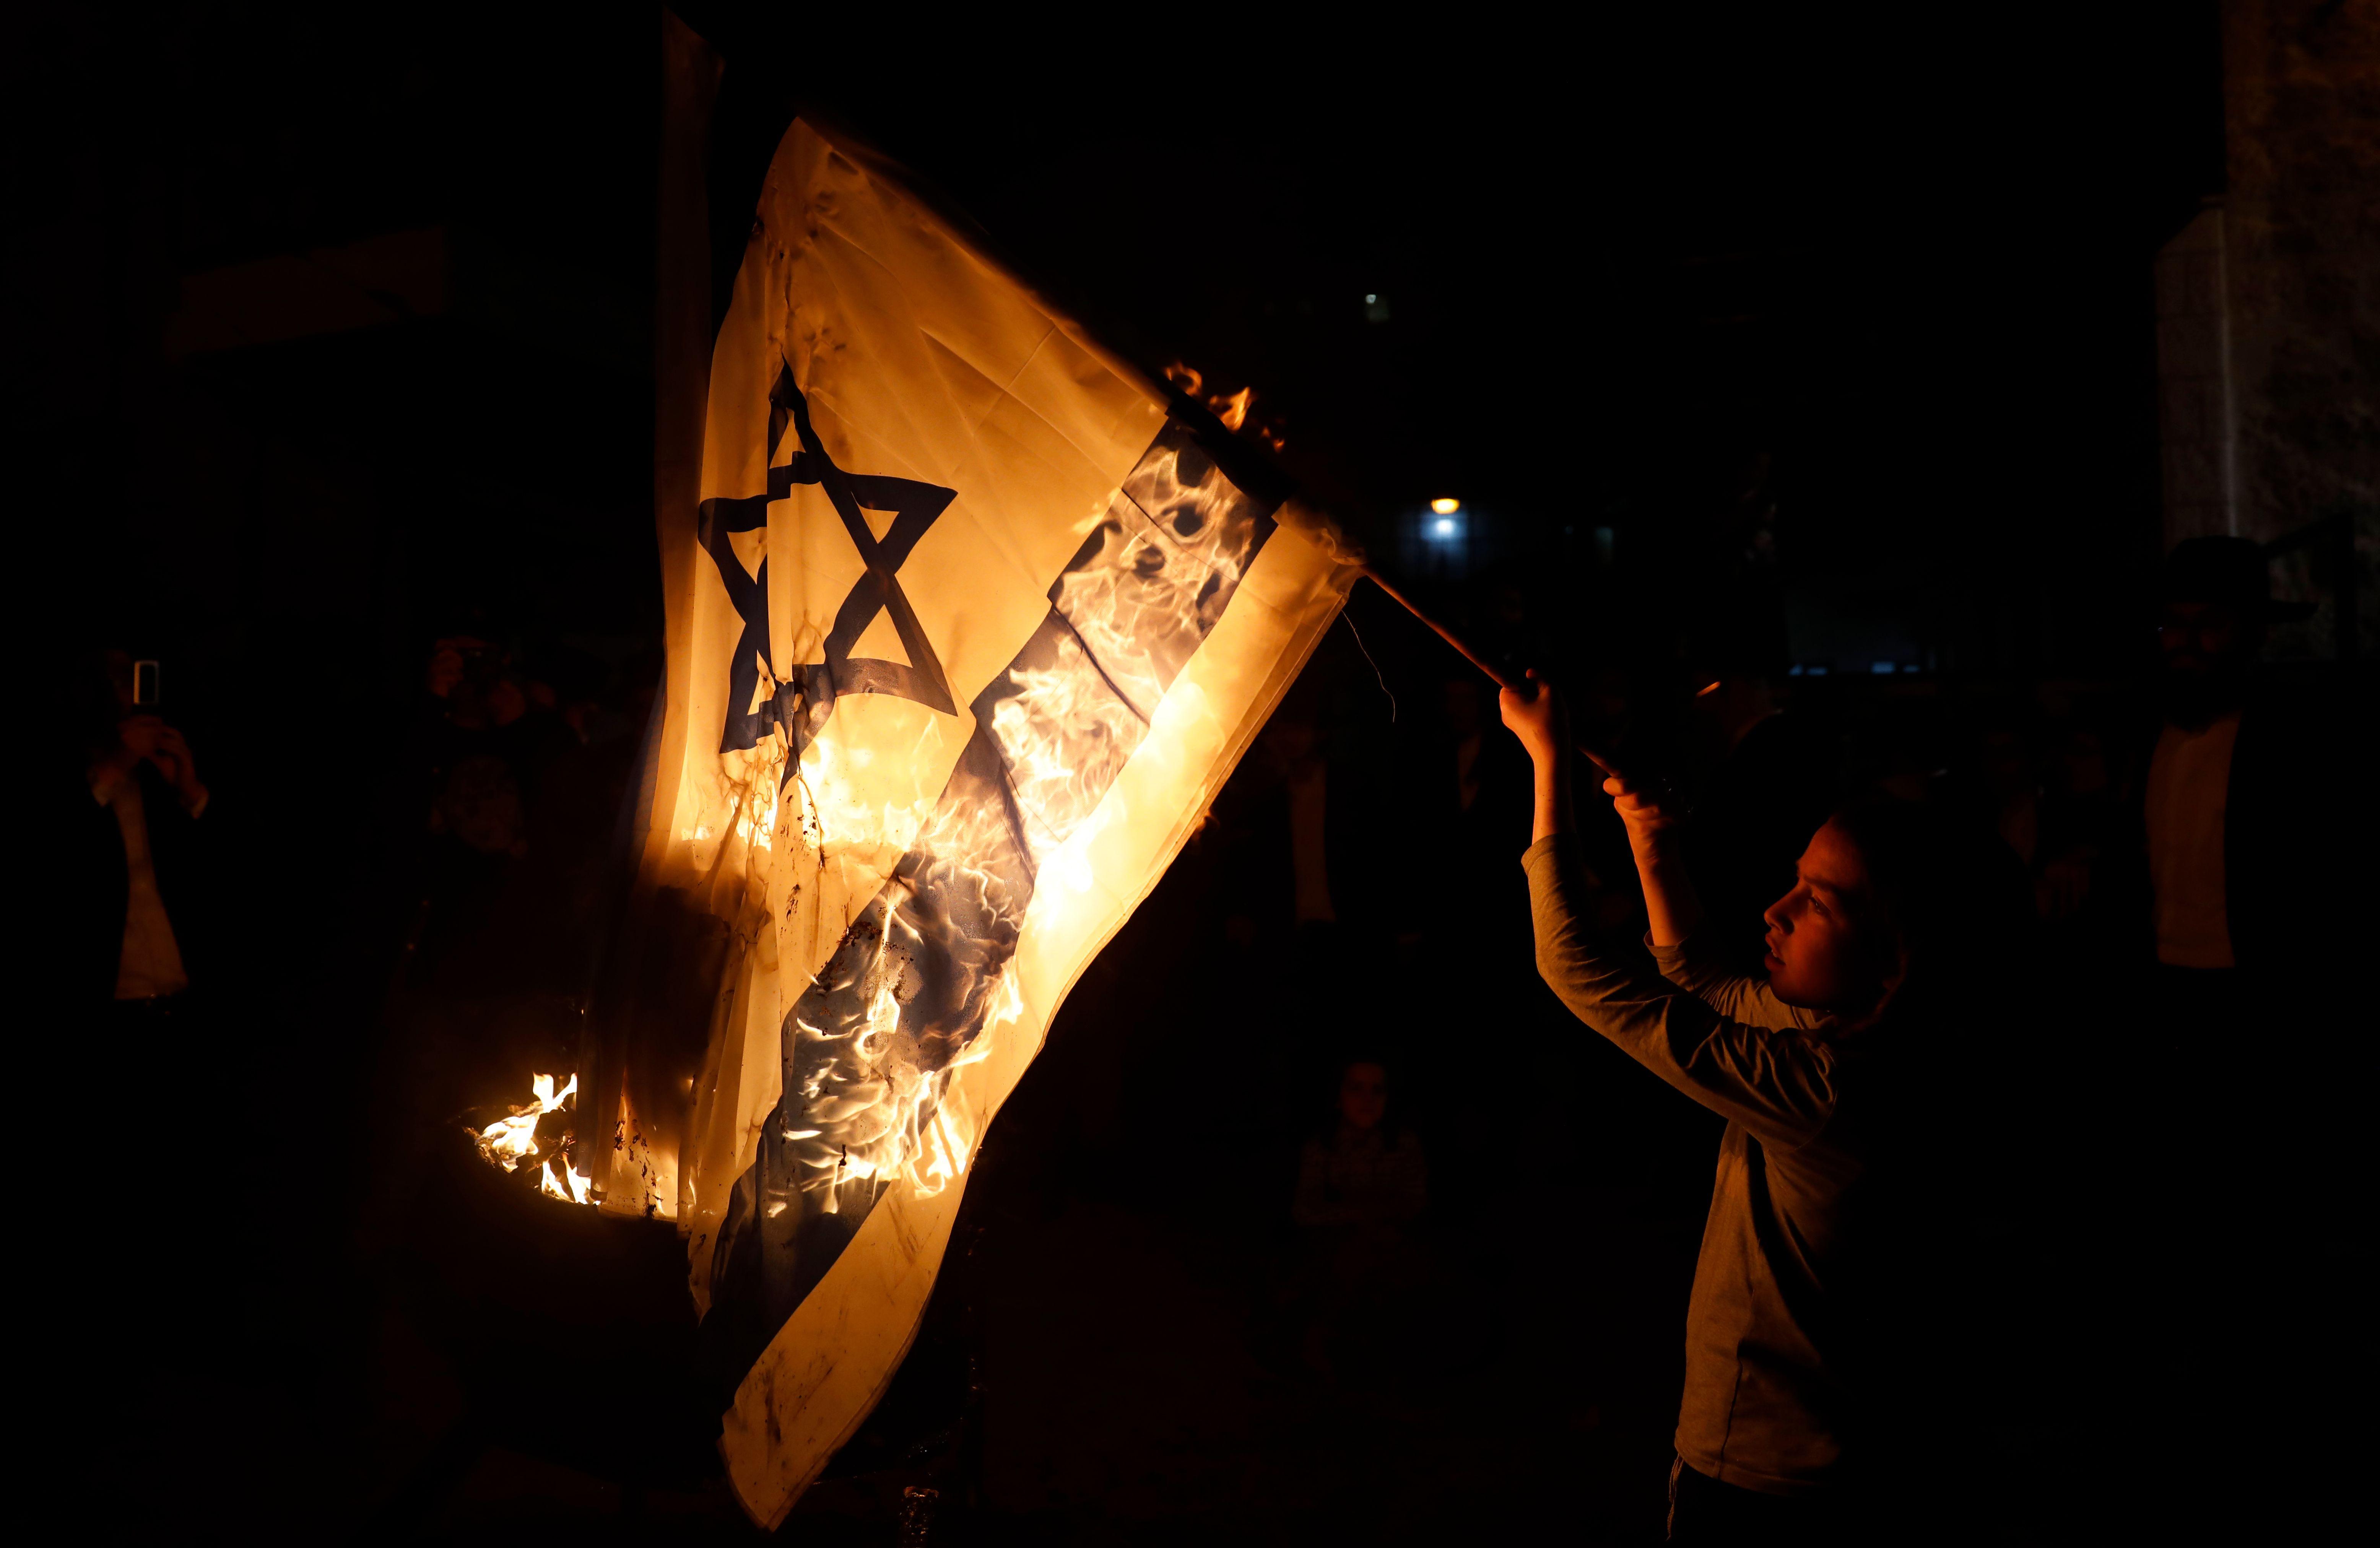 شاب يحرق العلم الإسرائيلي